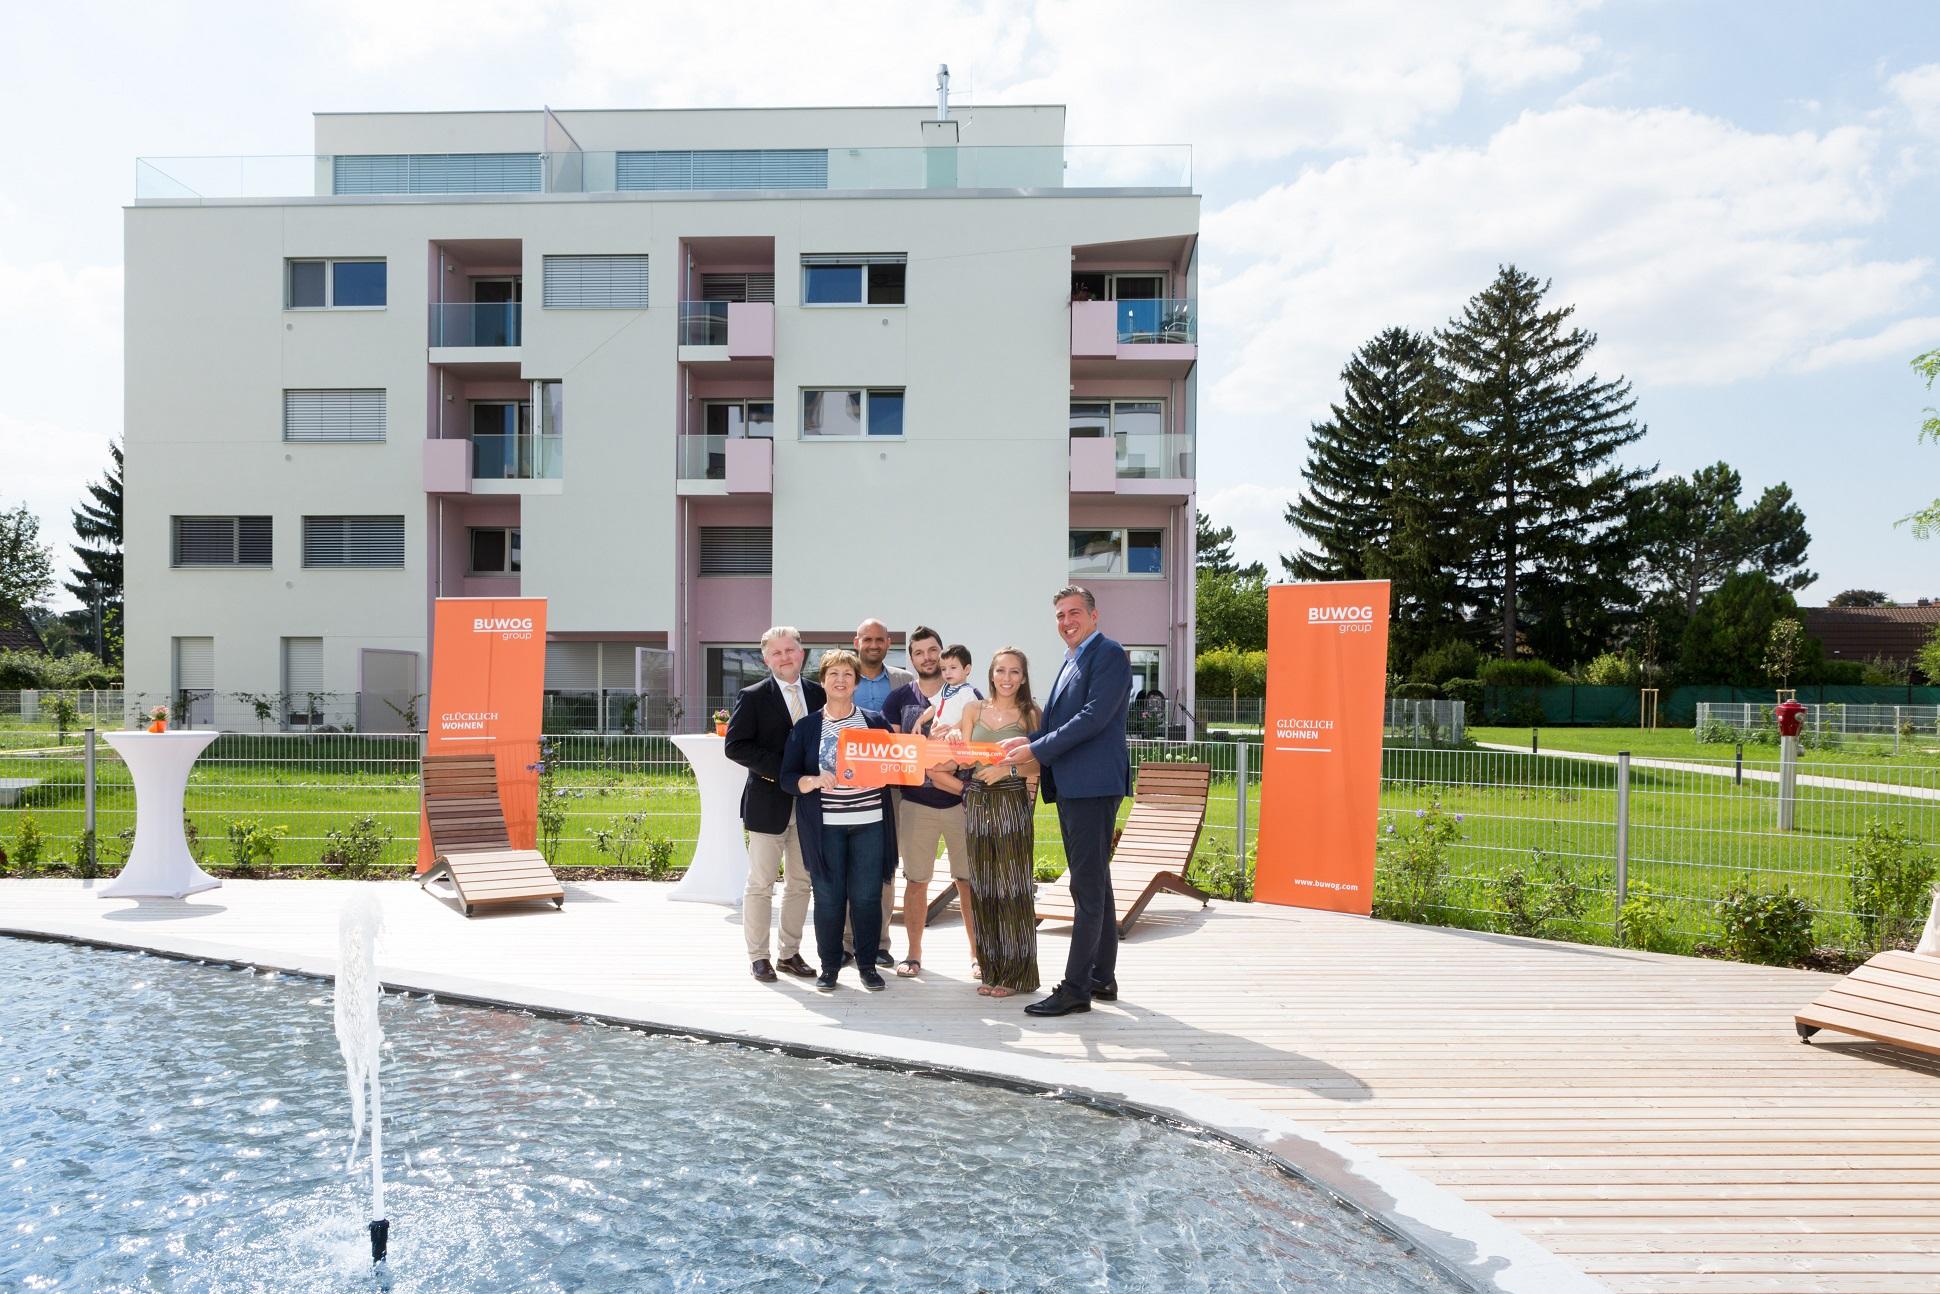 Property Development In Breich